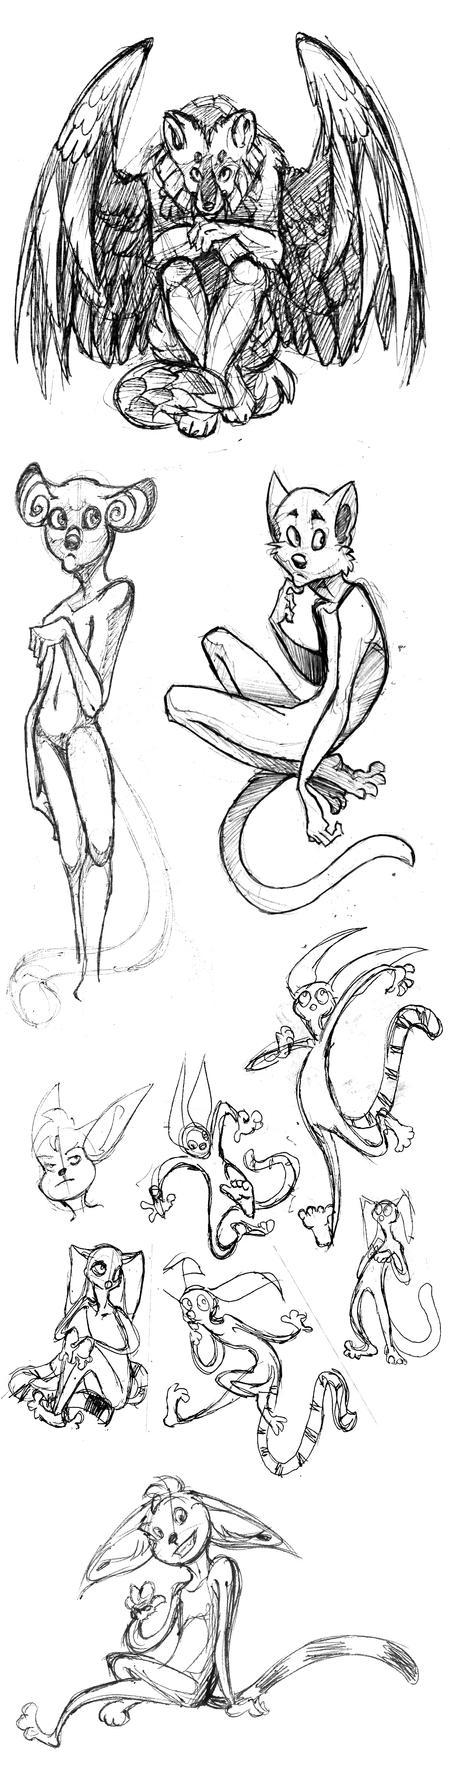 Stylized Sketchdump by IamSKETCHcat